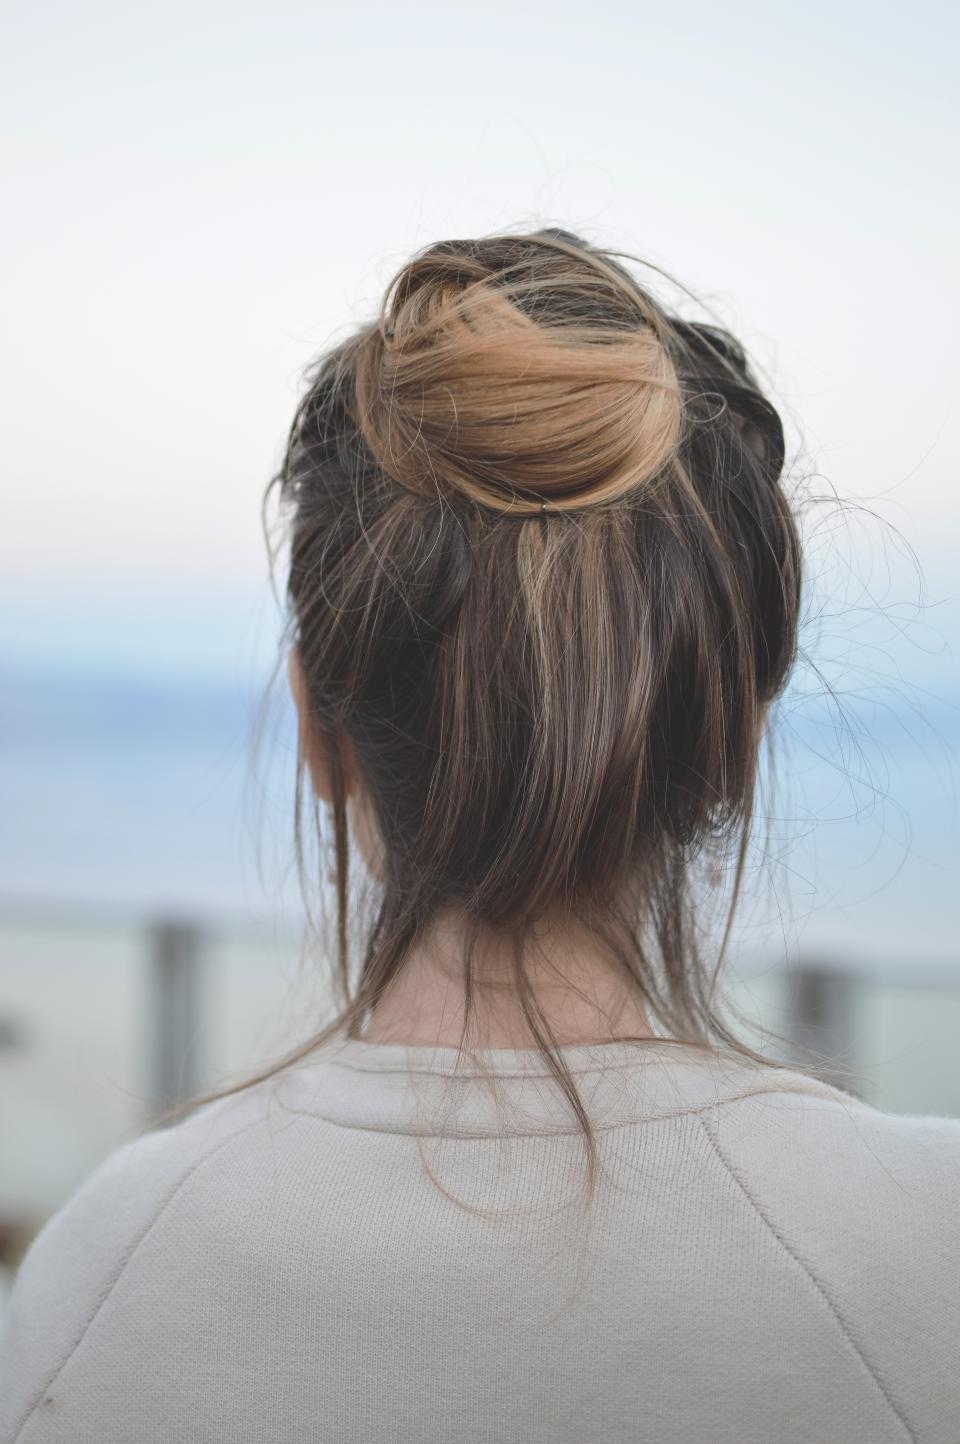 hair, people, woman, bun, tie, messy, earrings, accessories